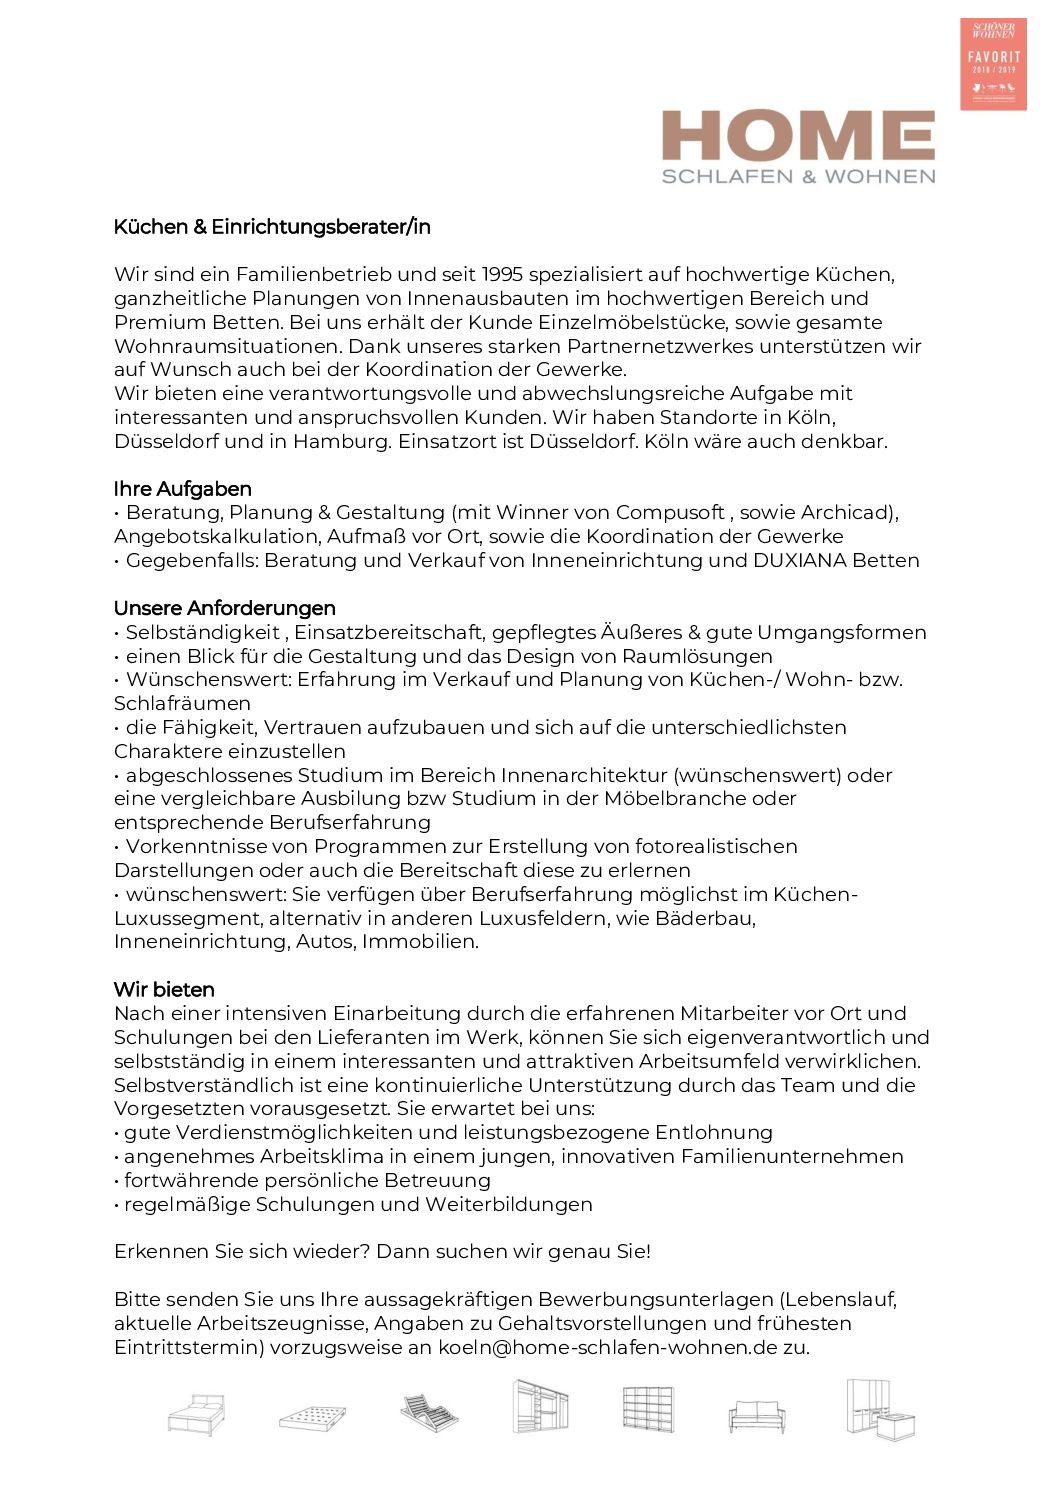 Küchen & Einrichtungsberater/in 290620